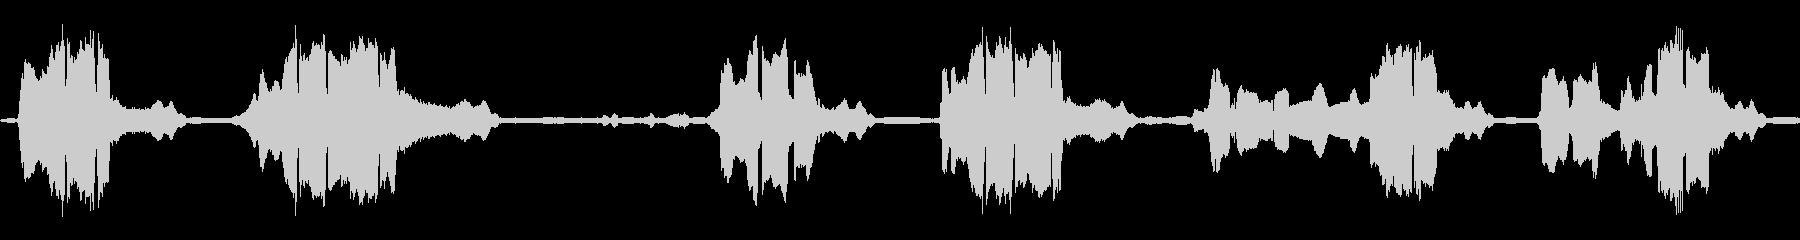 Civic Onbaord-エンジ...の未再生の波形